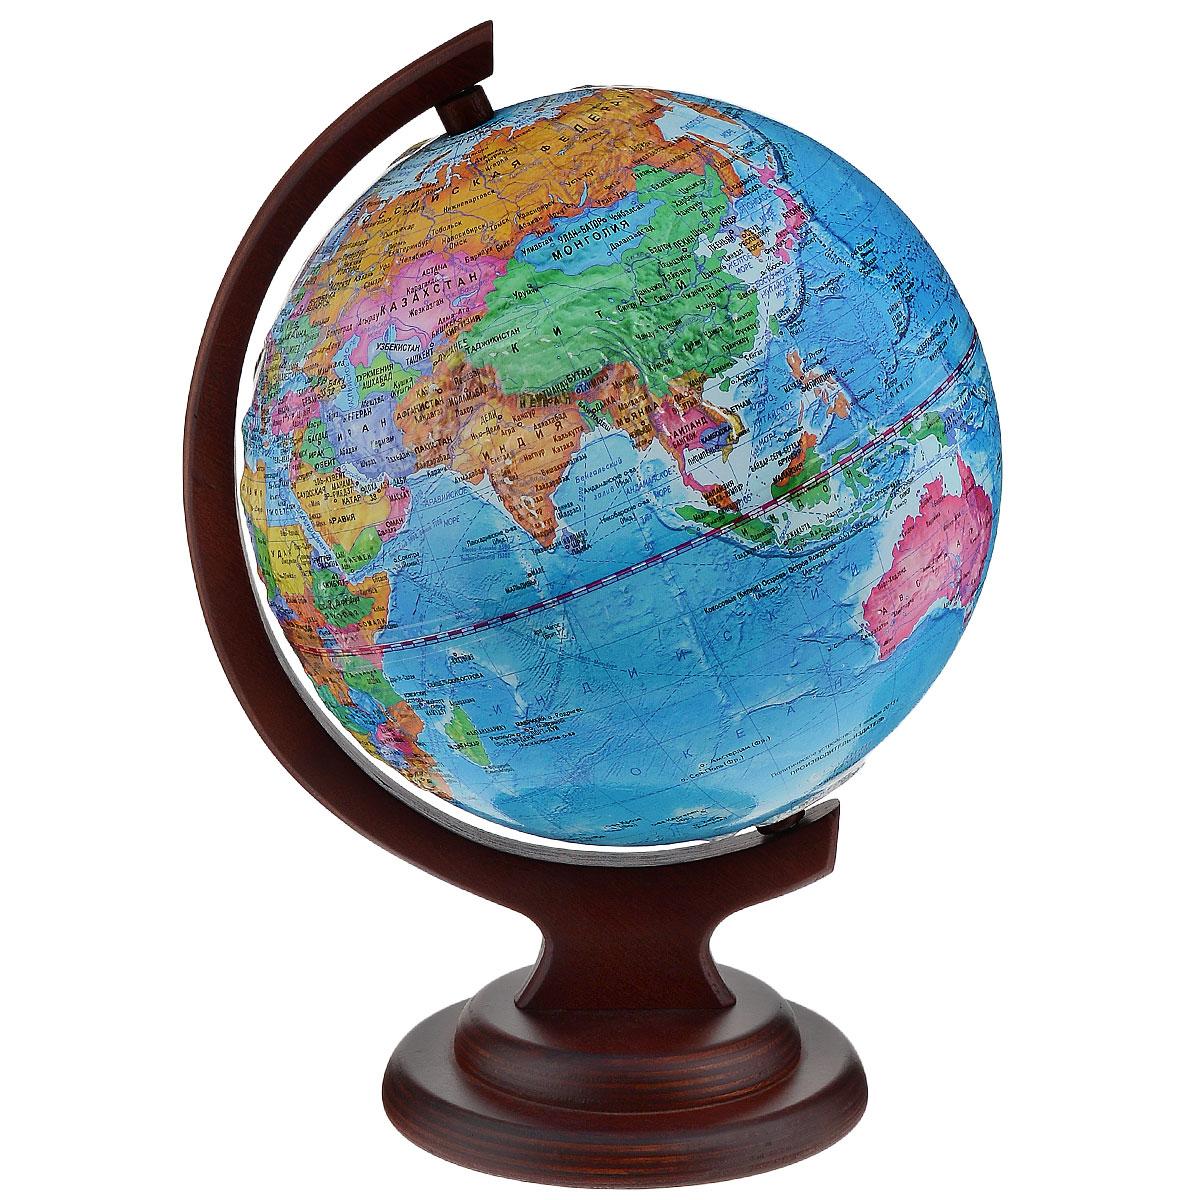 Глобусный мир Глобус с политической картой, рельефный, диаметр 21 см, на деревянной подставке